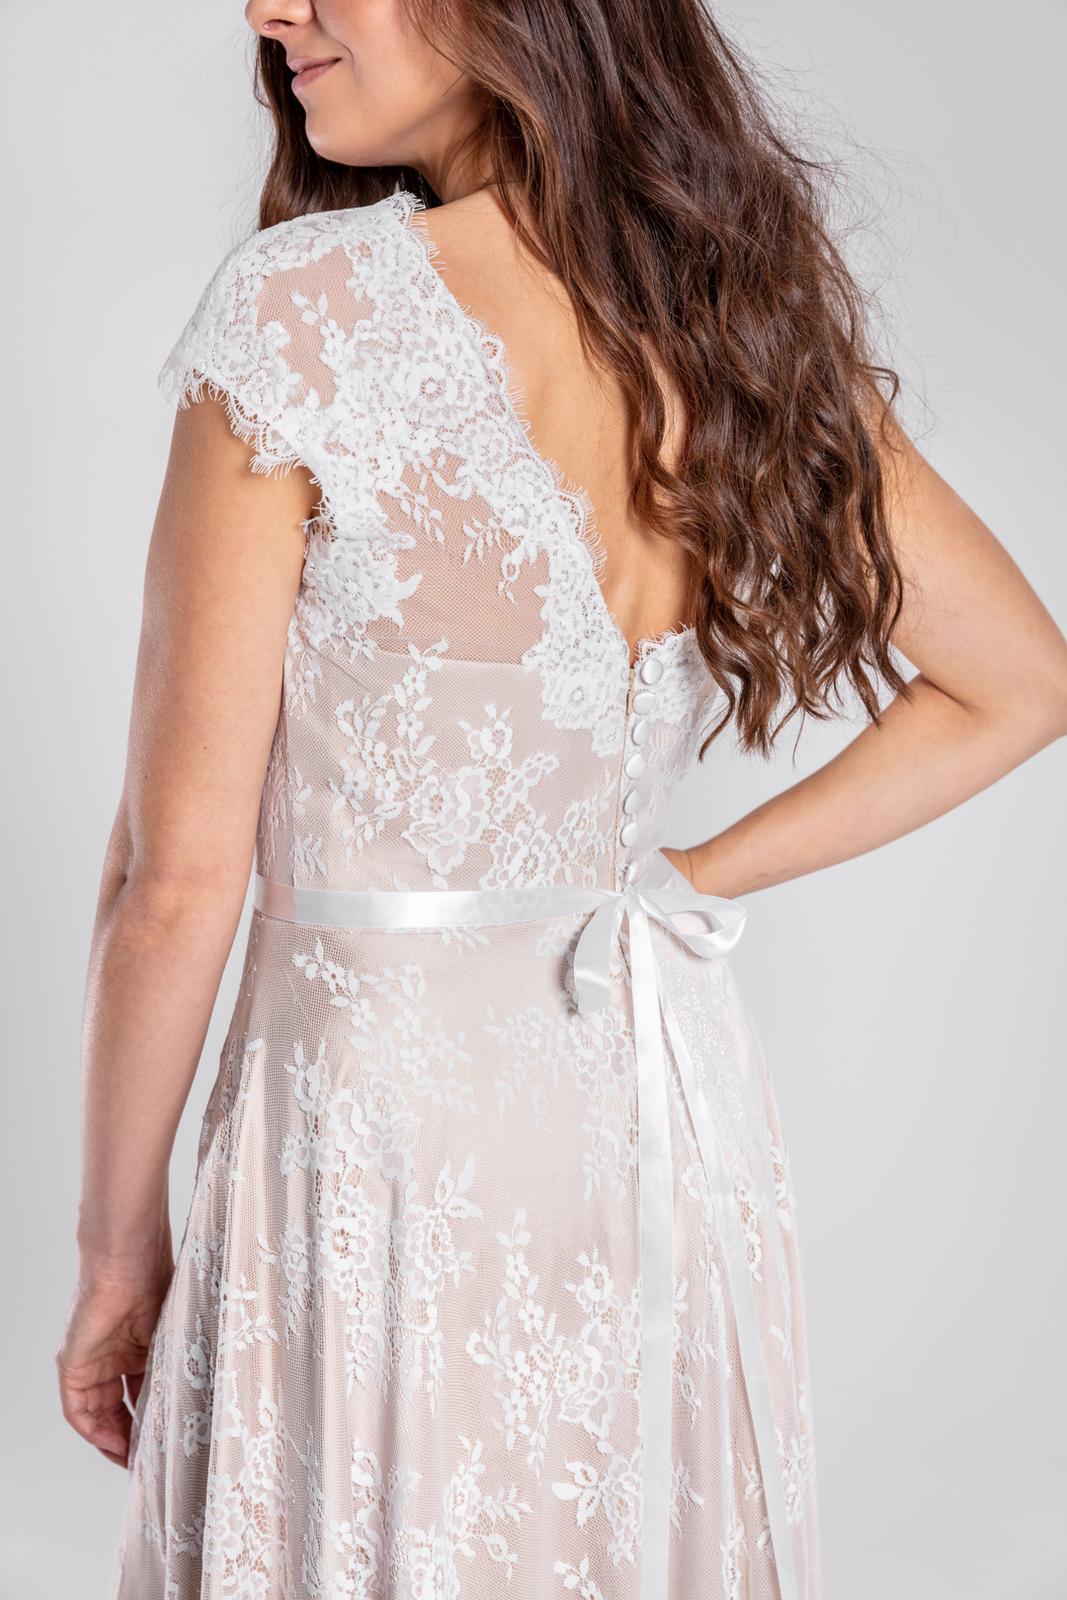 Elegantní svatební šaty s nádhernou vlečkou, 36-44 - Obrázek č. 1